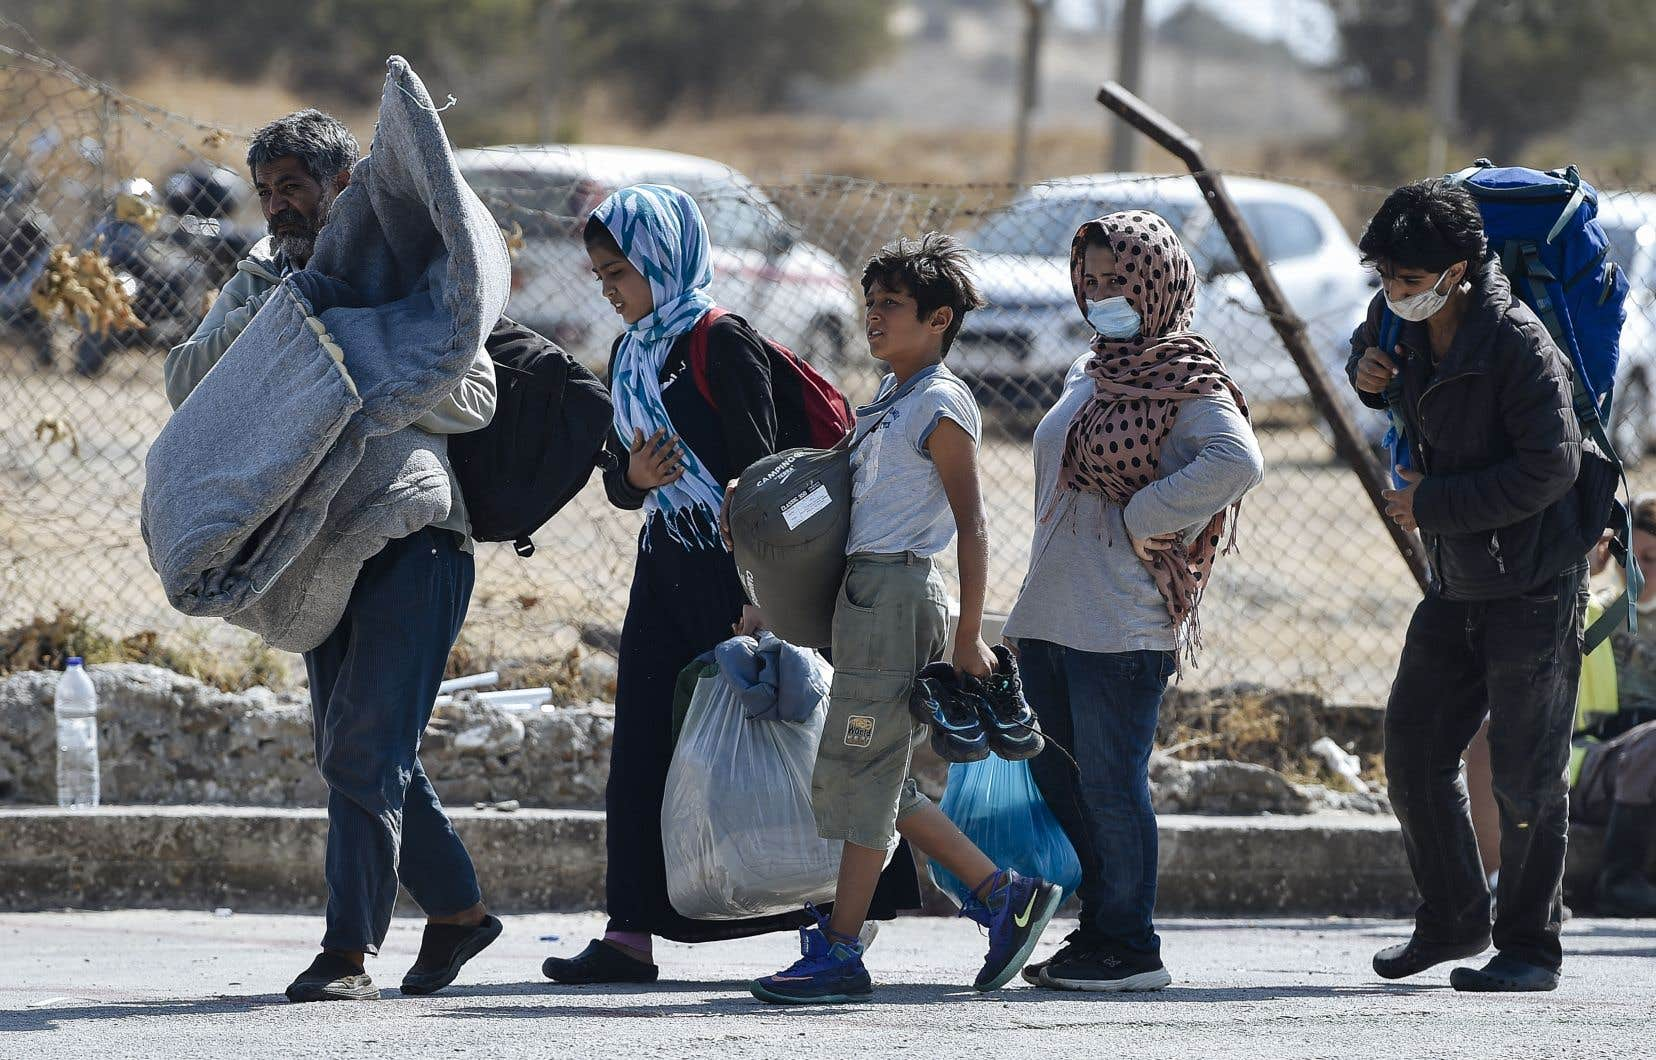 Plusieurs exilés, dont bon nombre de familles, se présentent bon gré mal gré dans le nouveau camp temporaire dressé à quelques encablures des ruines de Moria.